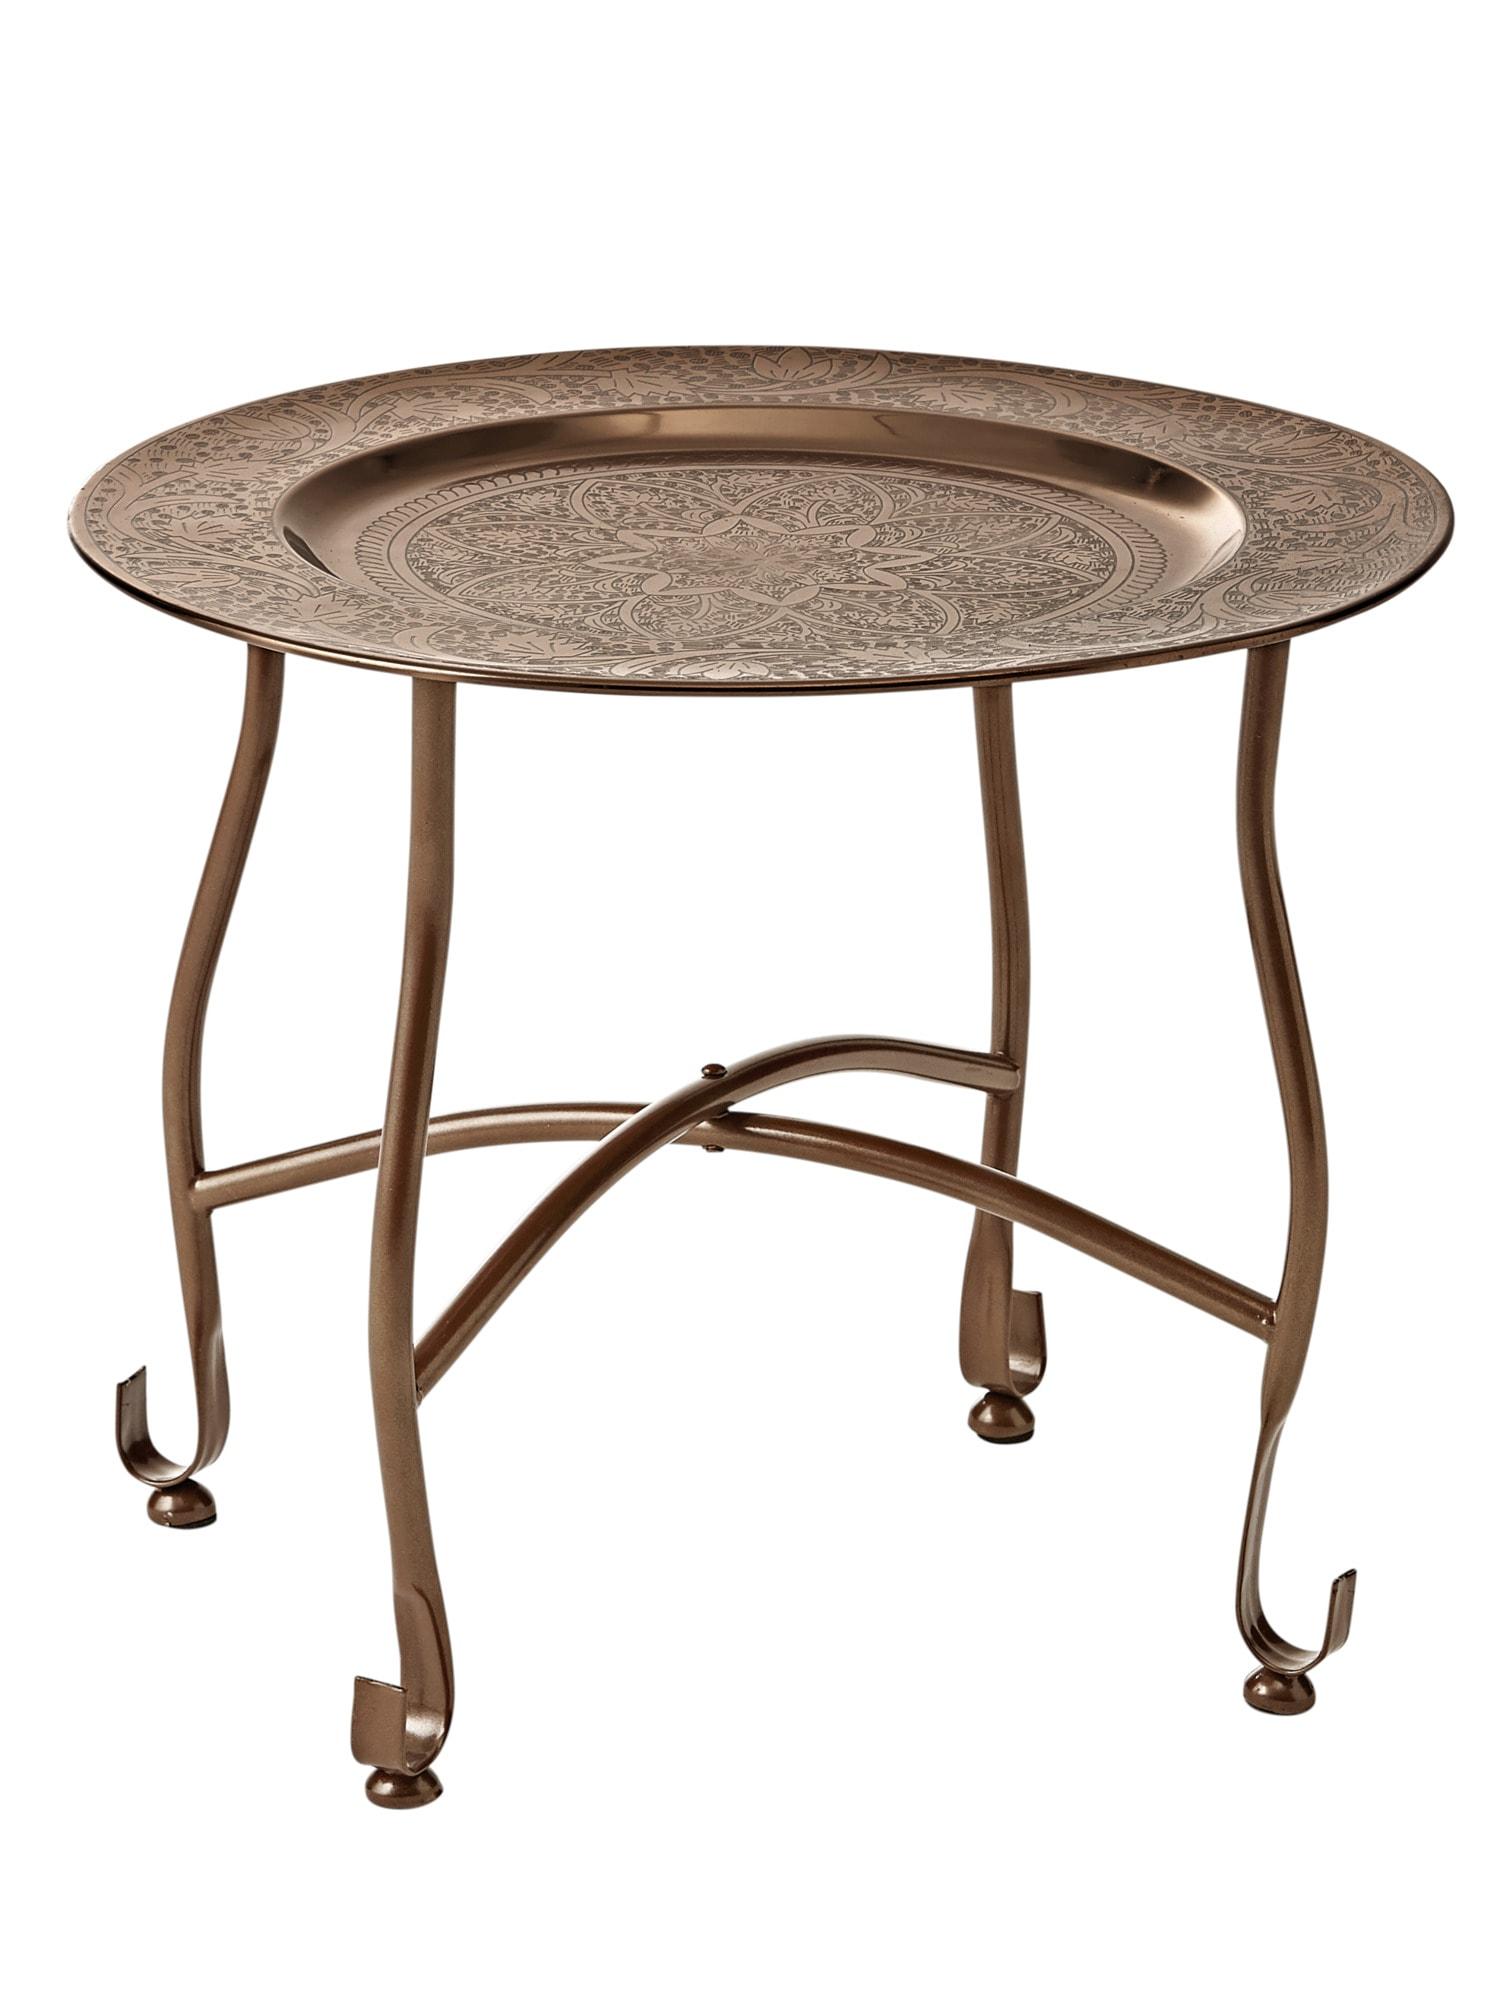 AuBergewohnlich Home Tablett Tisch Metall H/Ø Ca. 36/34 Cm, Klein